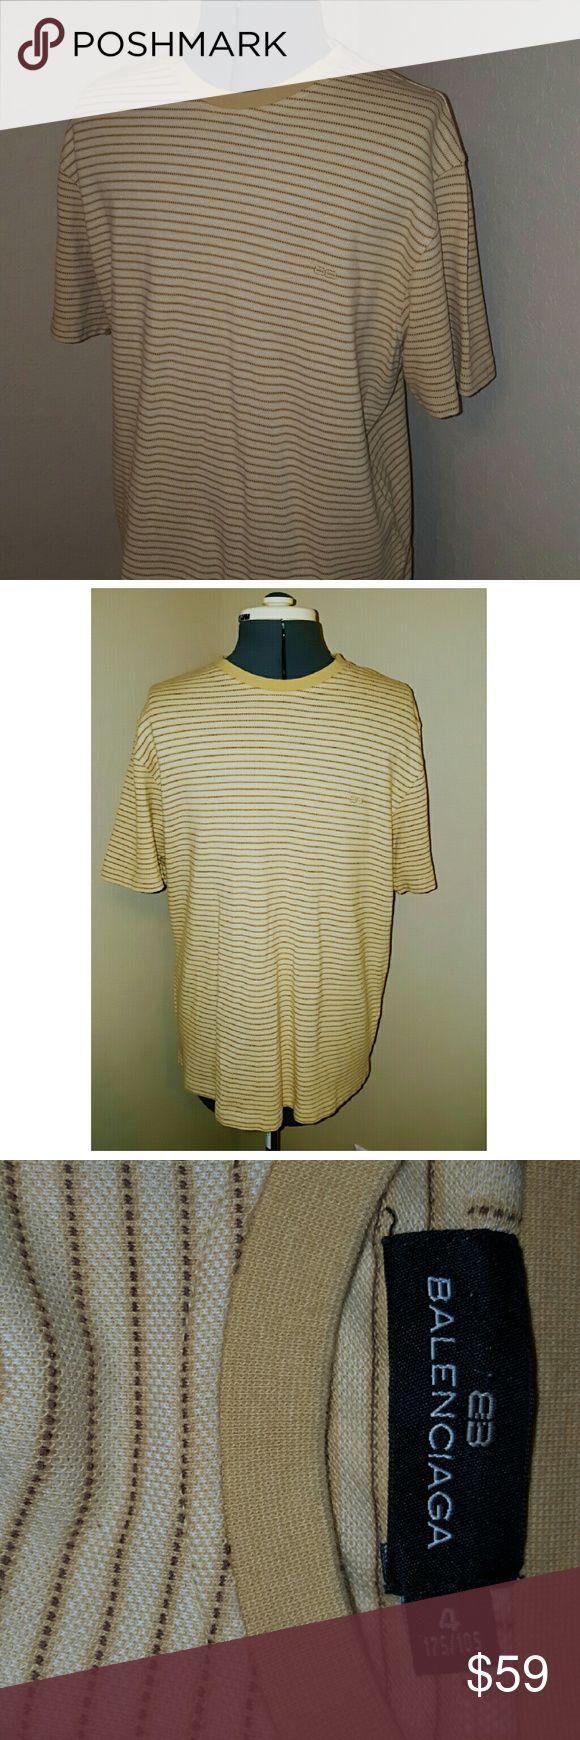 Crewneck striped Balenciaga mens Casual 100 % cotton sz 4 (med) Balenciaga Shirts Tees - Short Sleeve